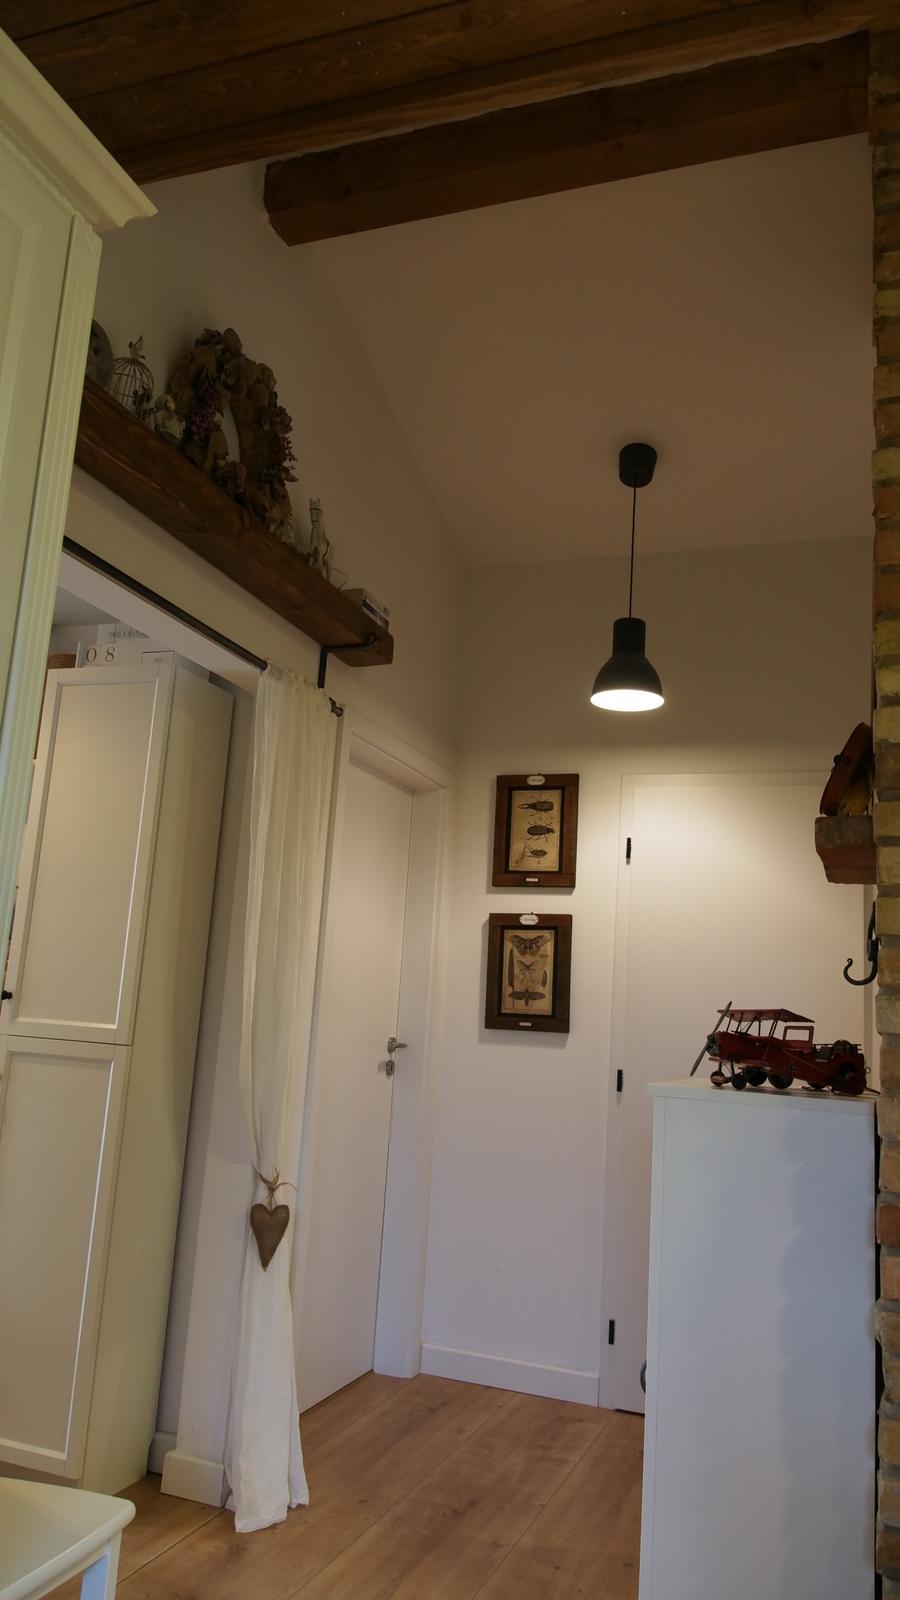 Náš domček ♡ Bramasole ♡ ... Stilo interiér aj exteriér 3. rok bývania - Obrázok č. 8